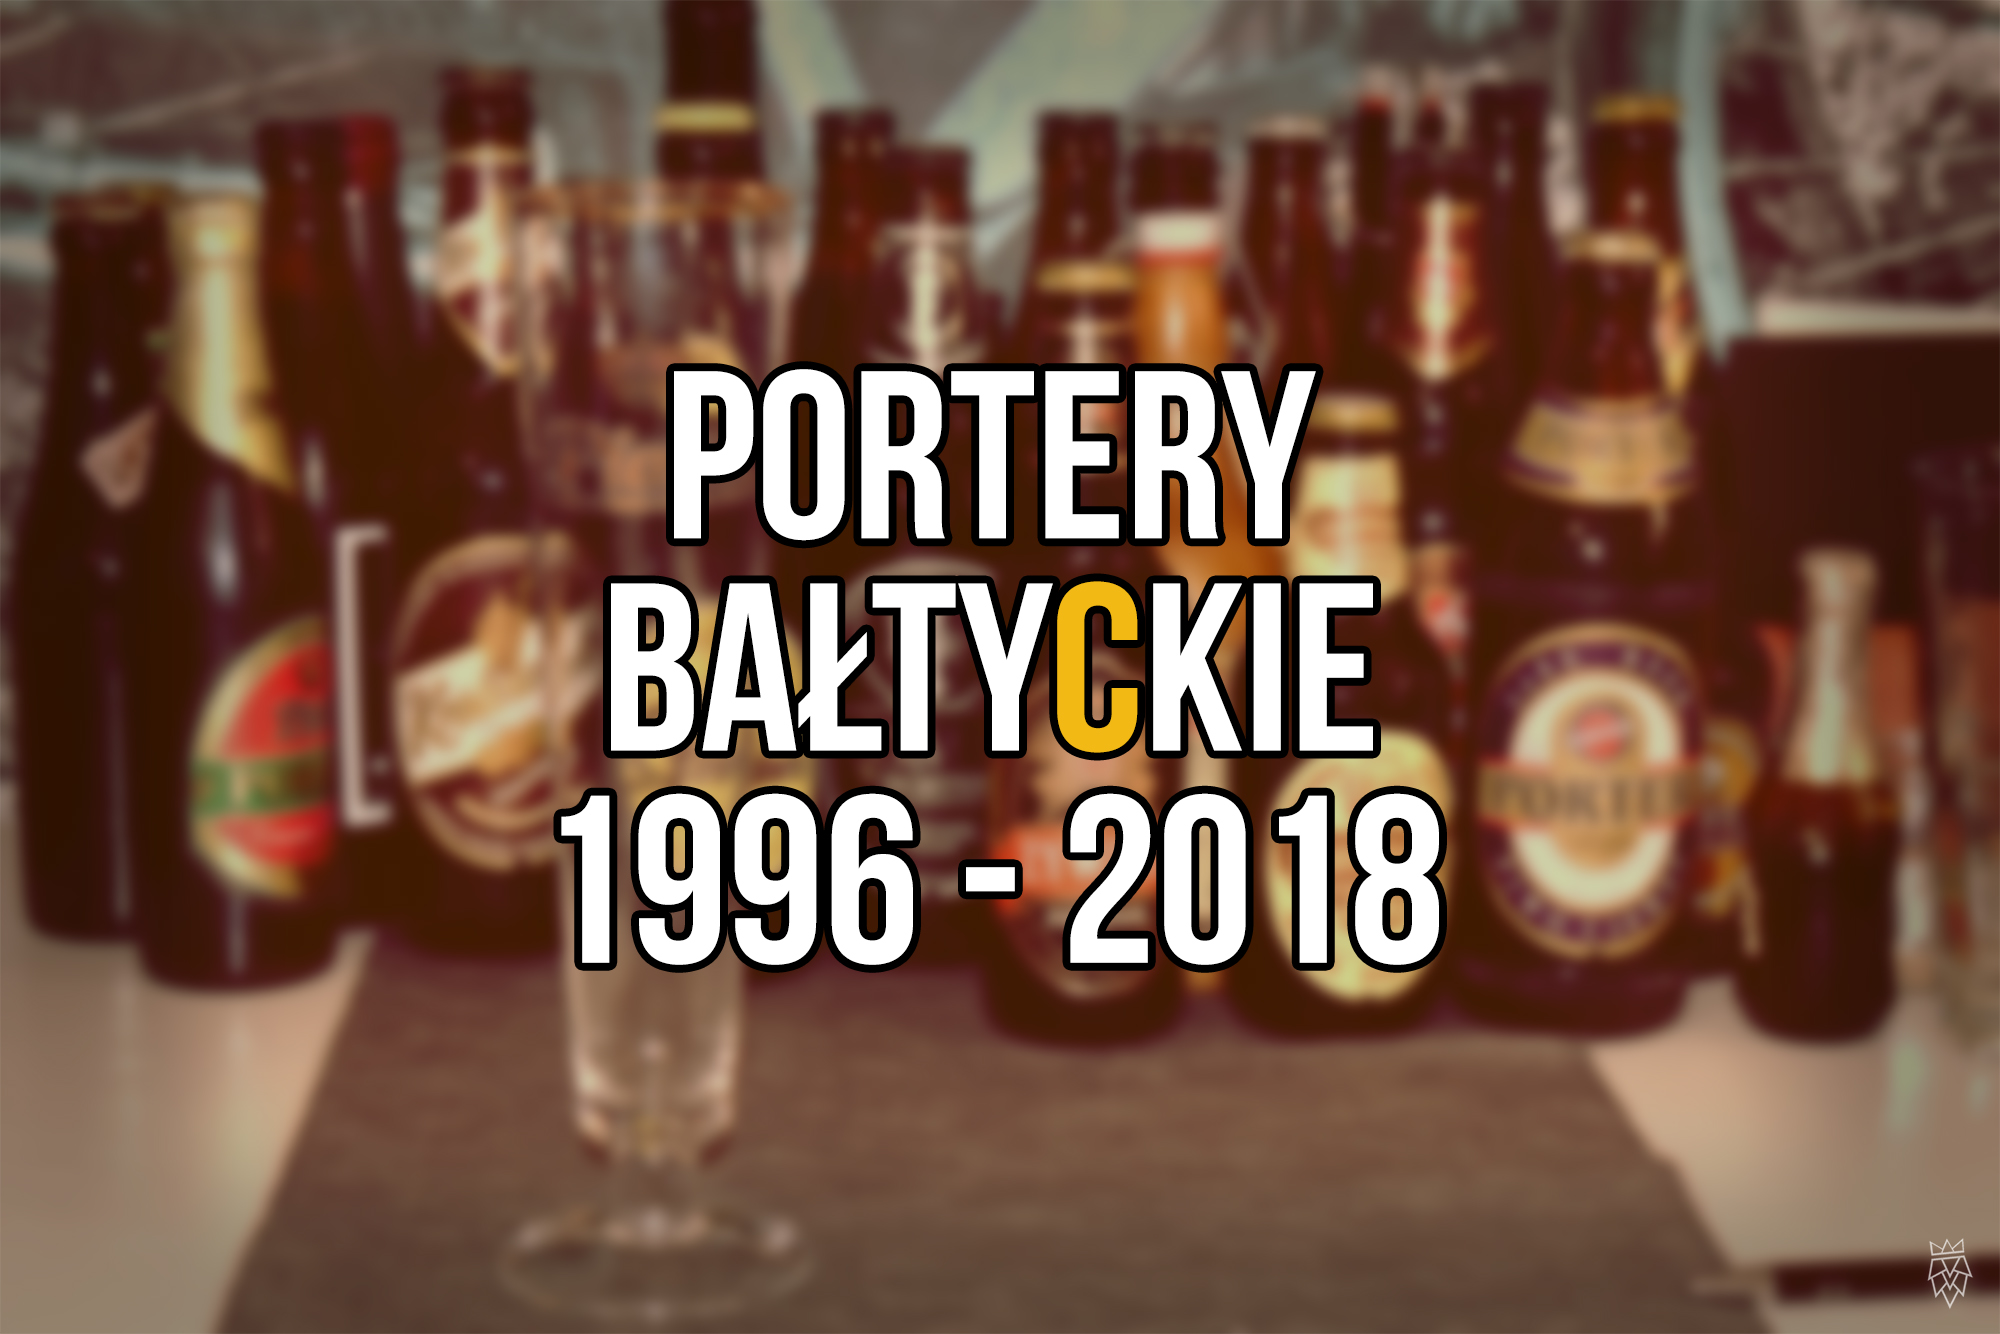 Portery - przeglad 20 lat